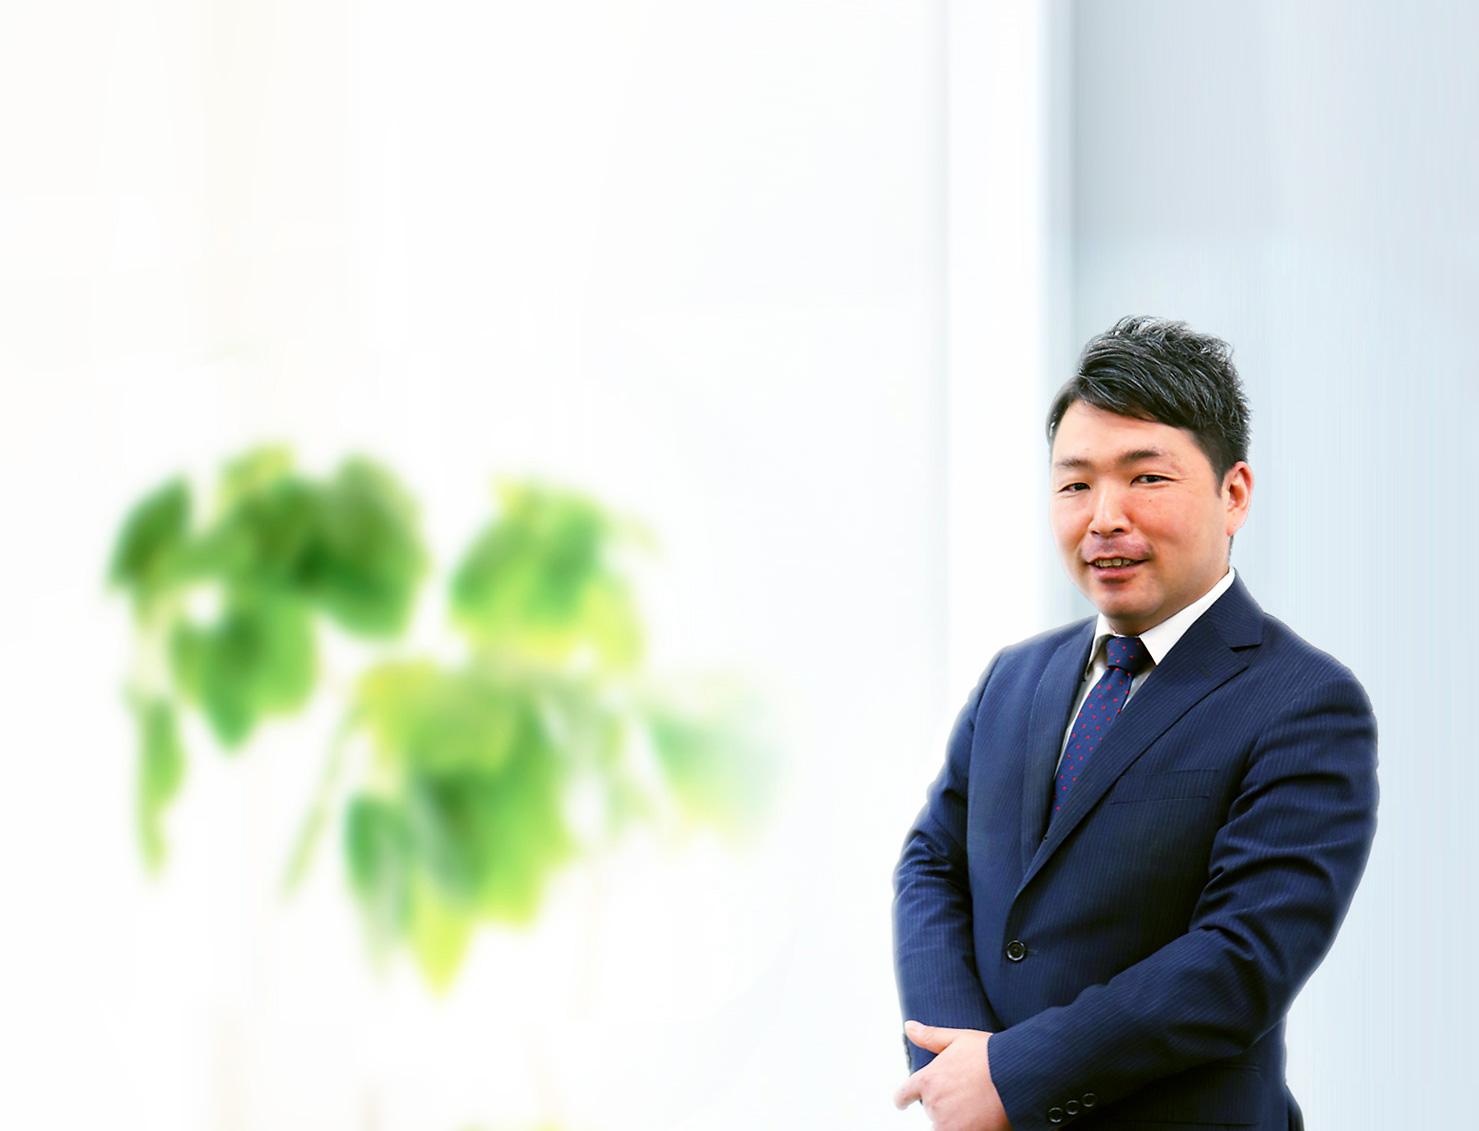 株式会社山紫堂 代表取締役 黒田啓彰